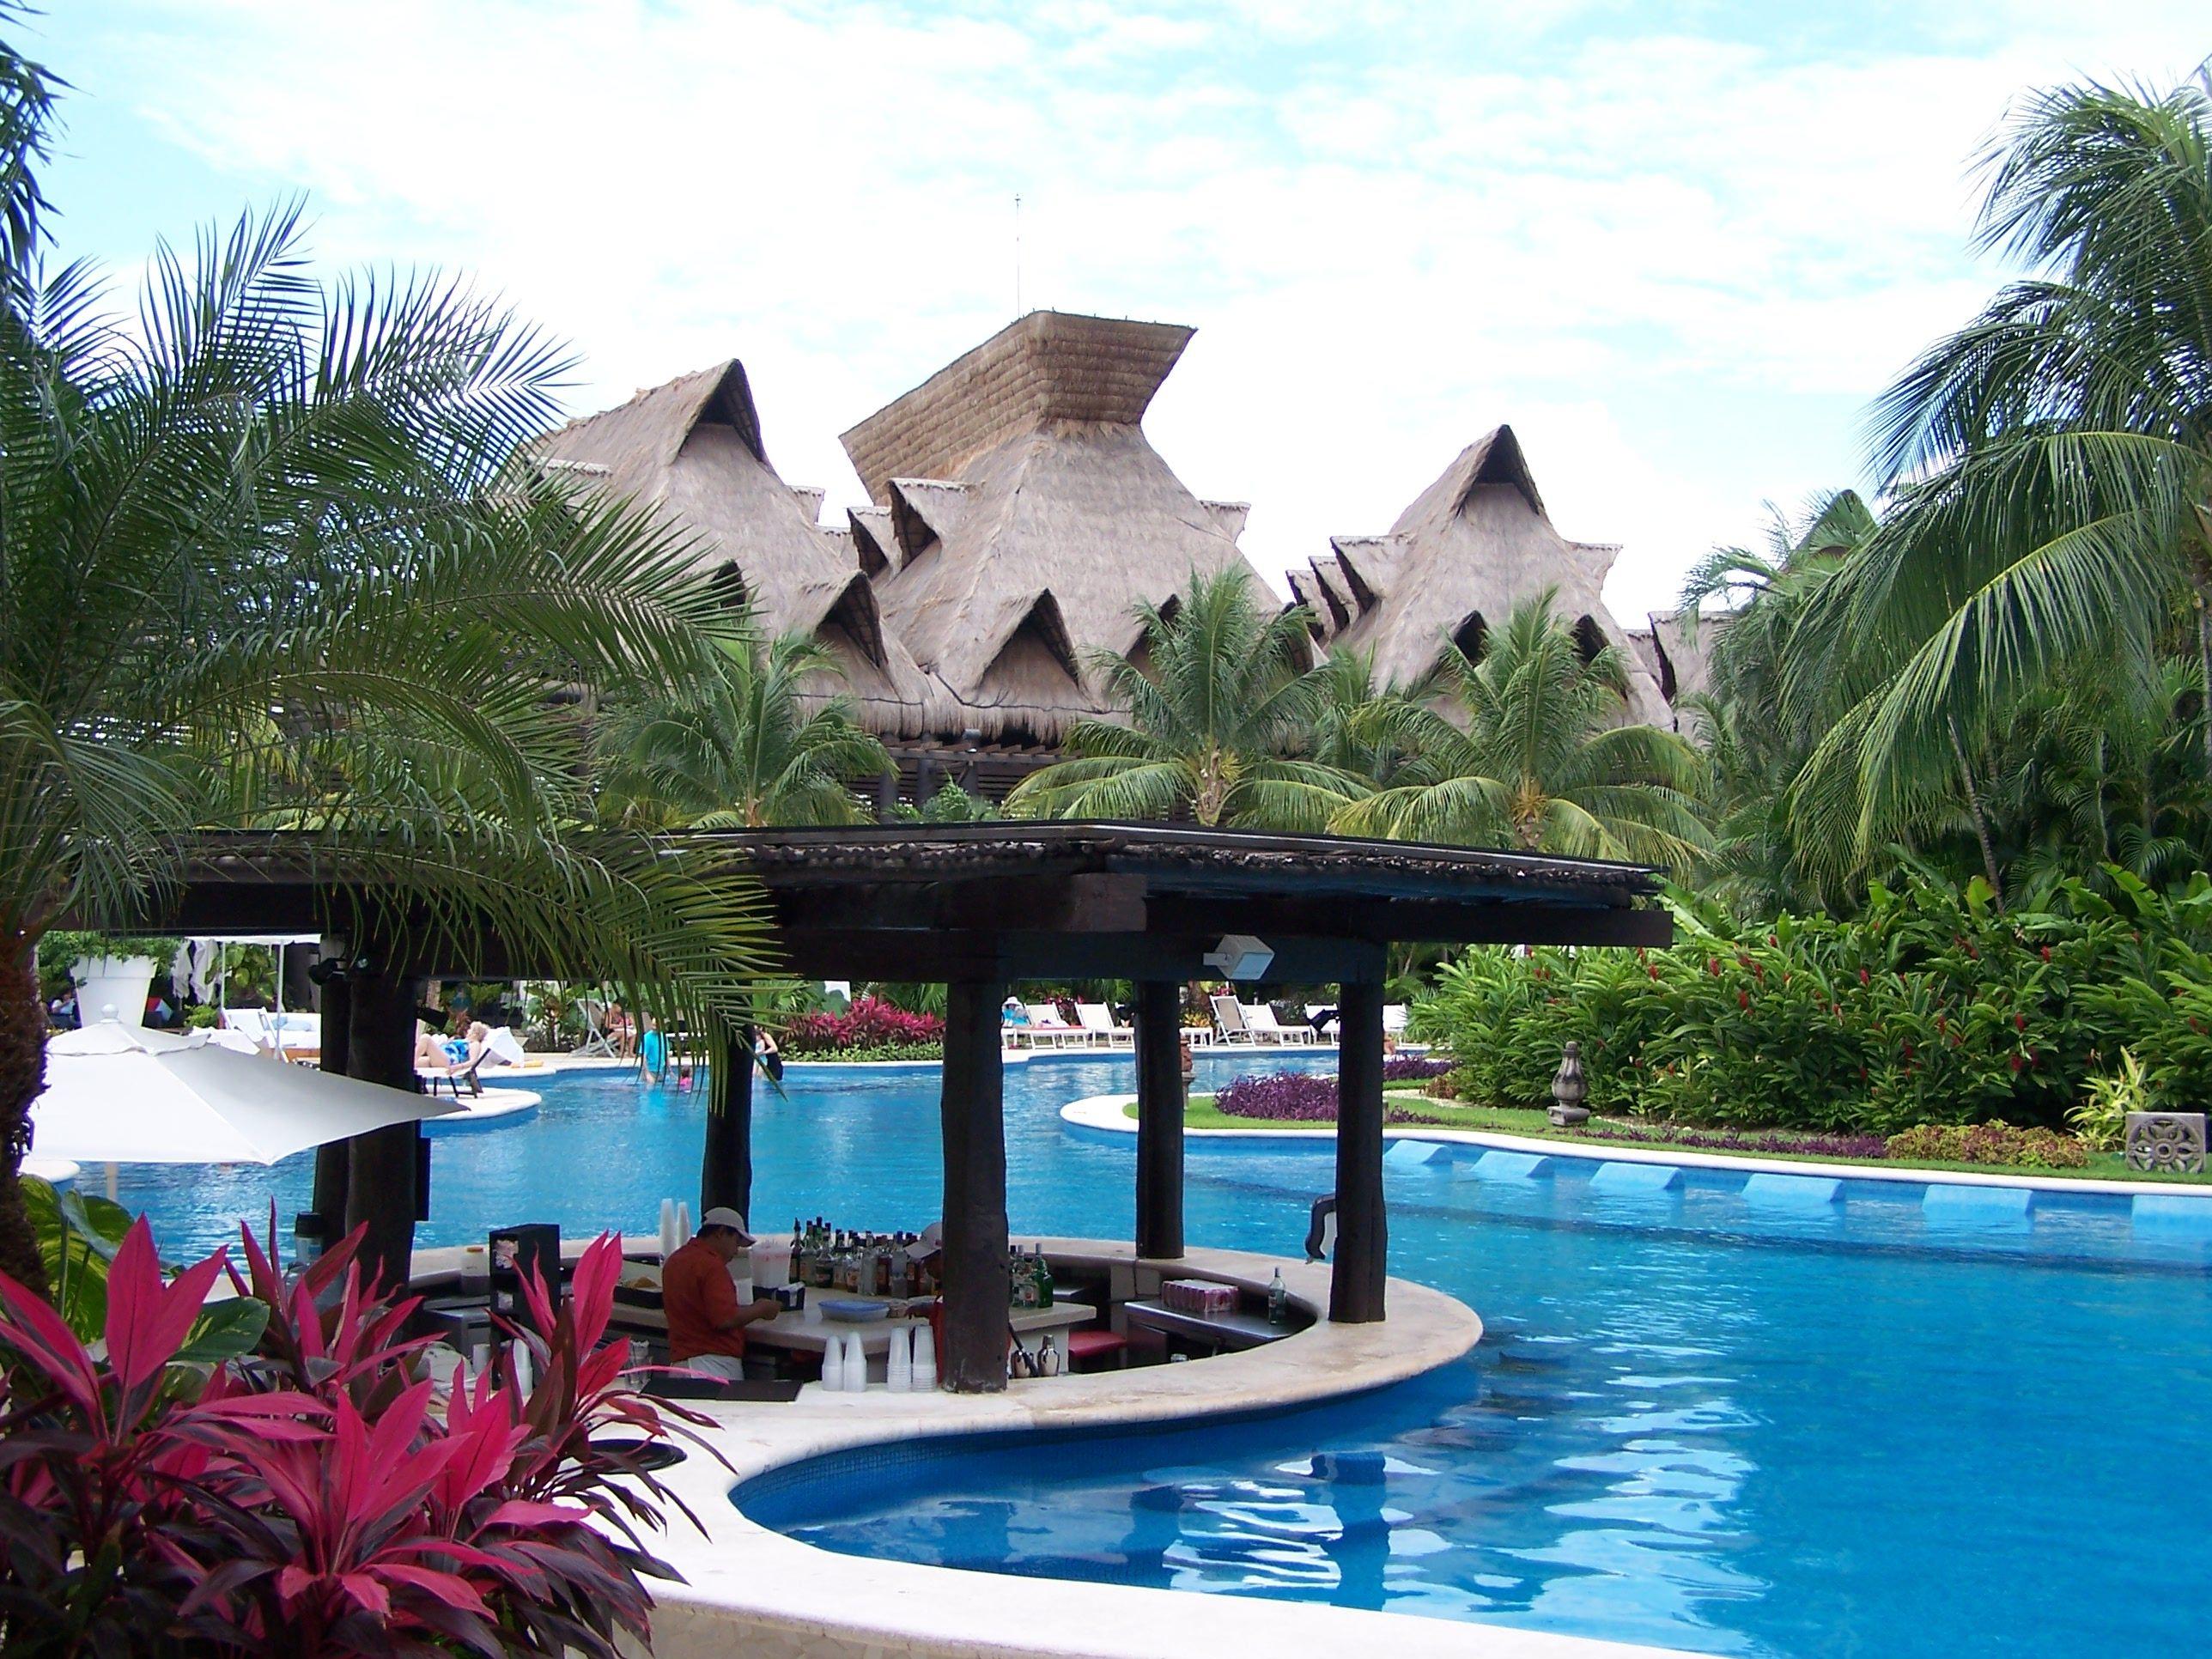 the grand mayan, riviera maya mexico | mexico | riviera maya mexico